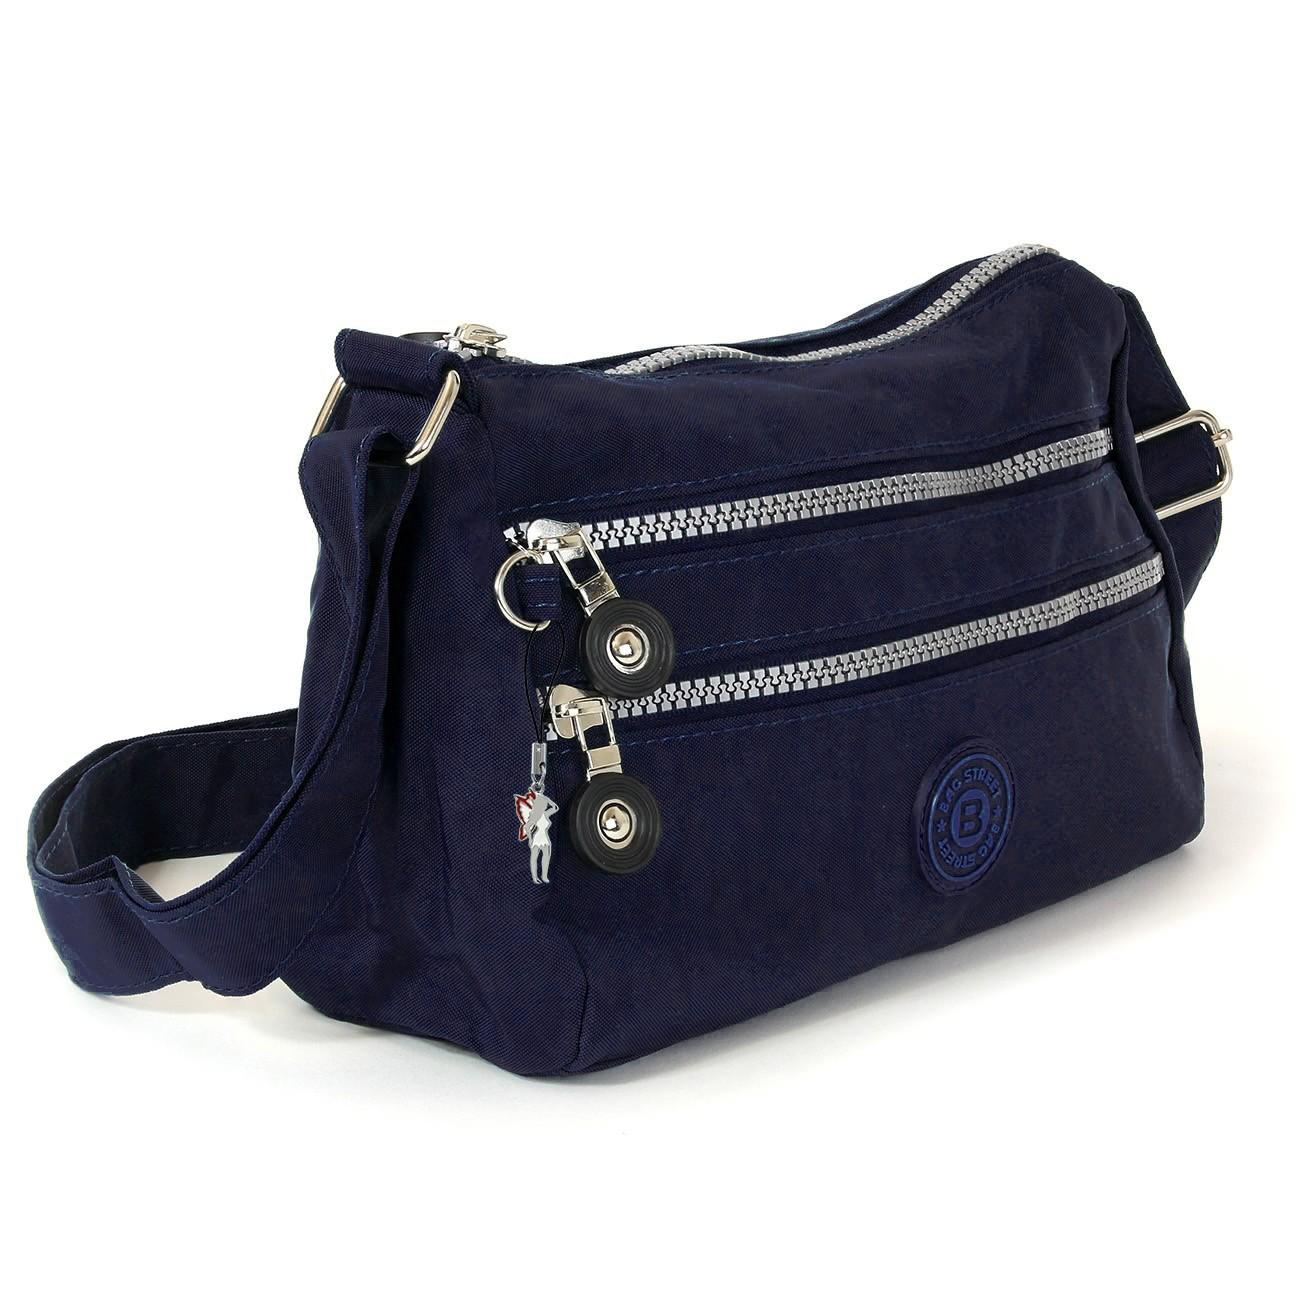 Umhängetasche Nylon blau Sportliche Damen Handtasche Bag Street OTJ229B